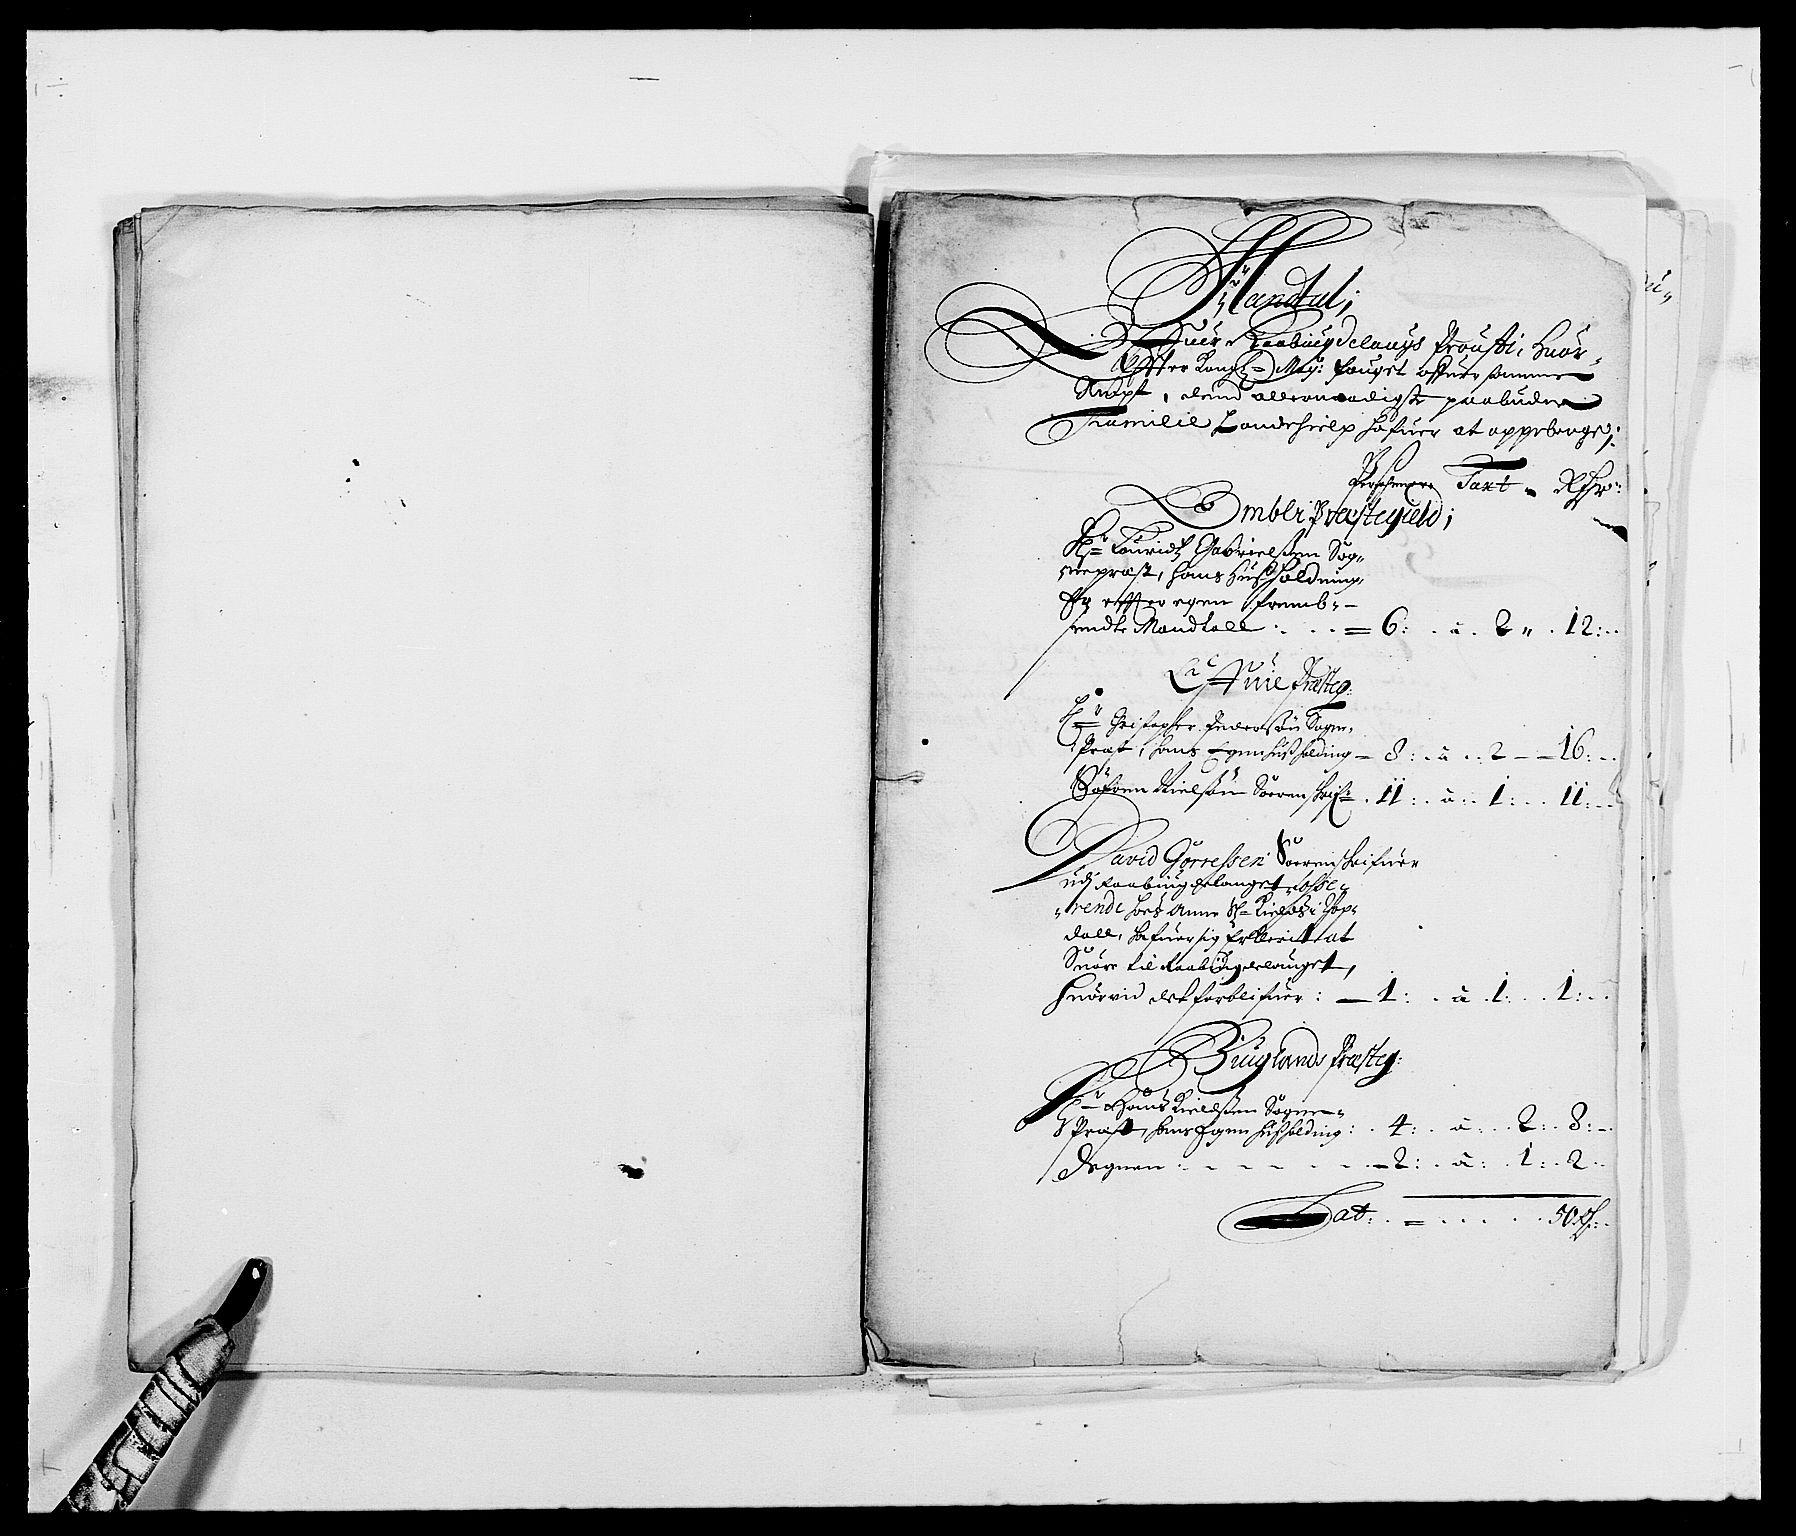 RA, Rentekammeret inntil 1814, Reviderte regnskaper, Fogderegnskap, R40/L2434: Fogderegnskap Råbyggelag, 1675-1676, s. 114